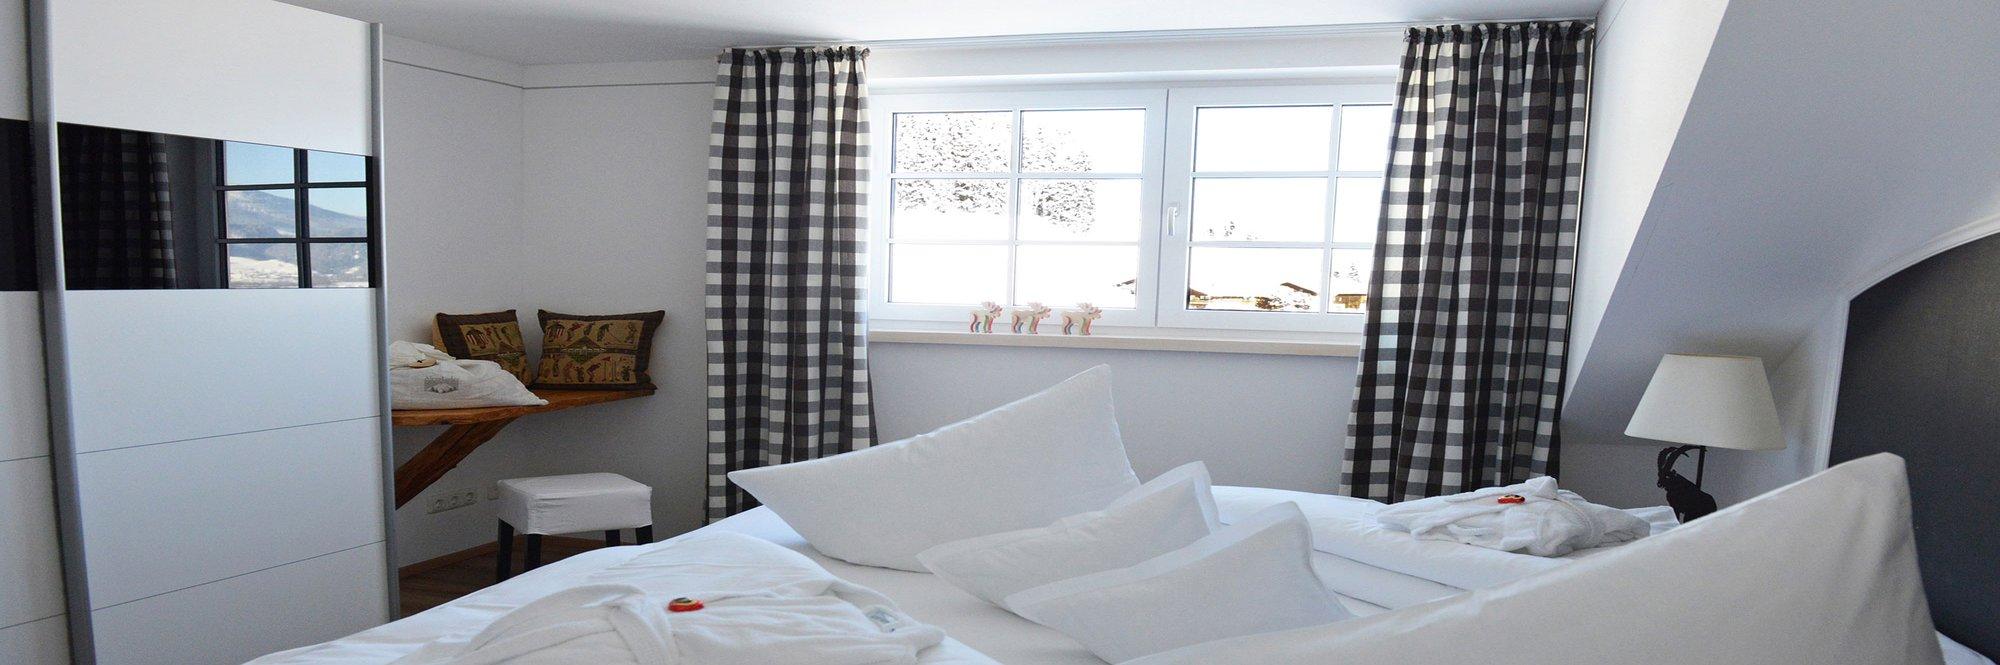 Wohnbereich in der Ferienwohnung AlpenLodge Allgäu